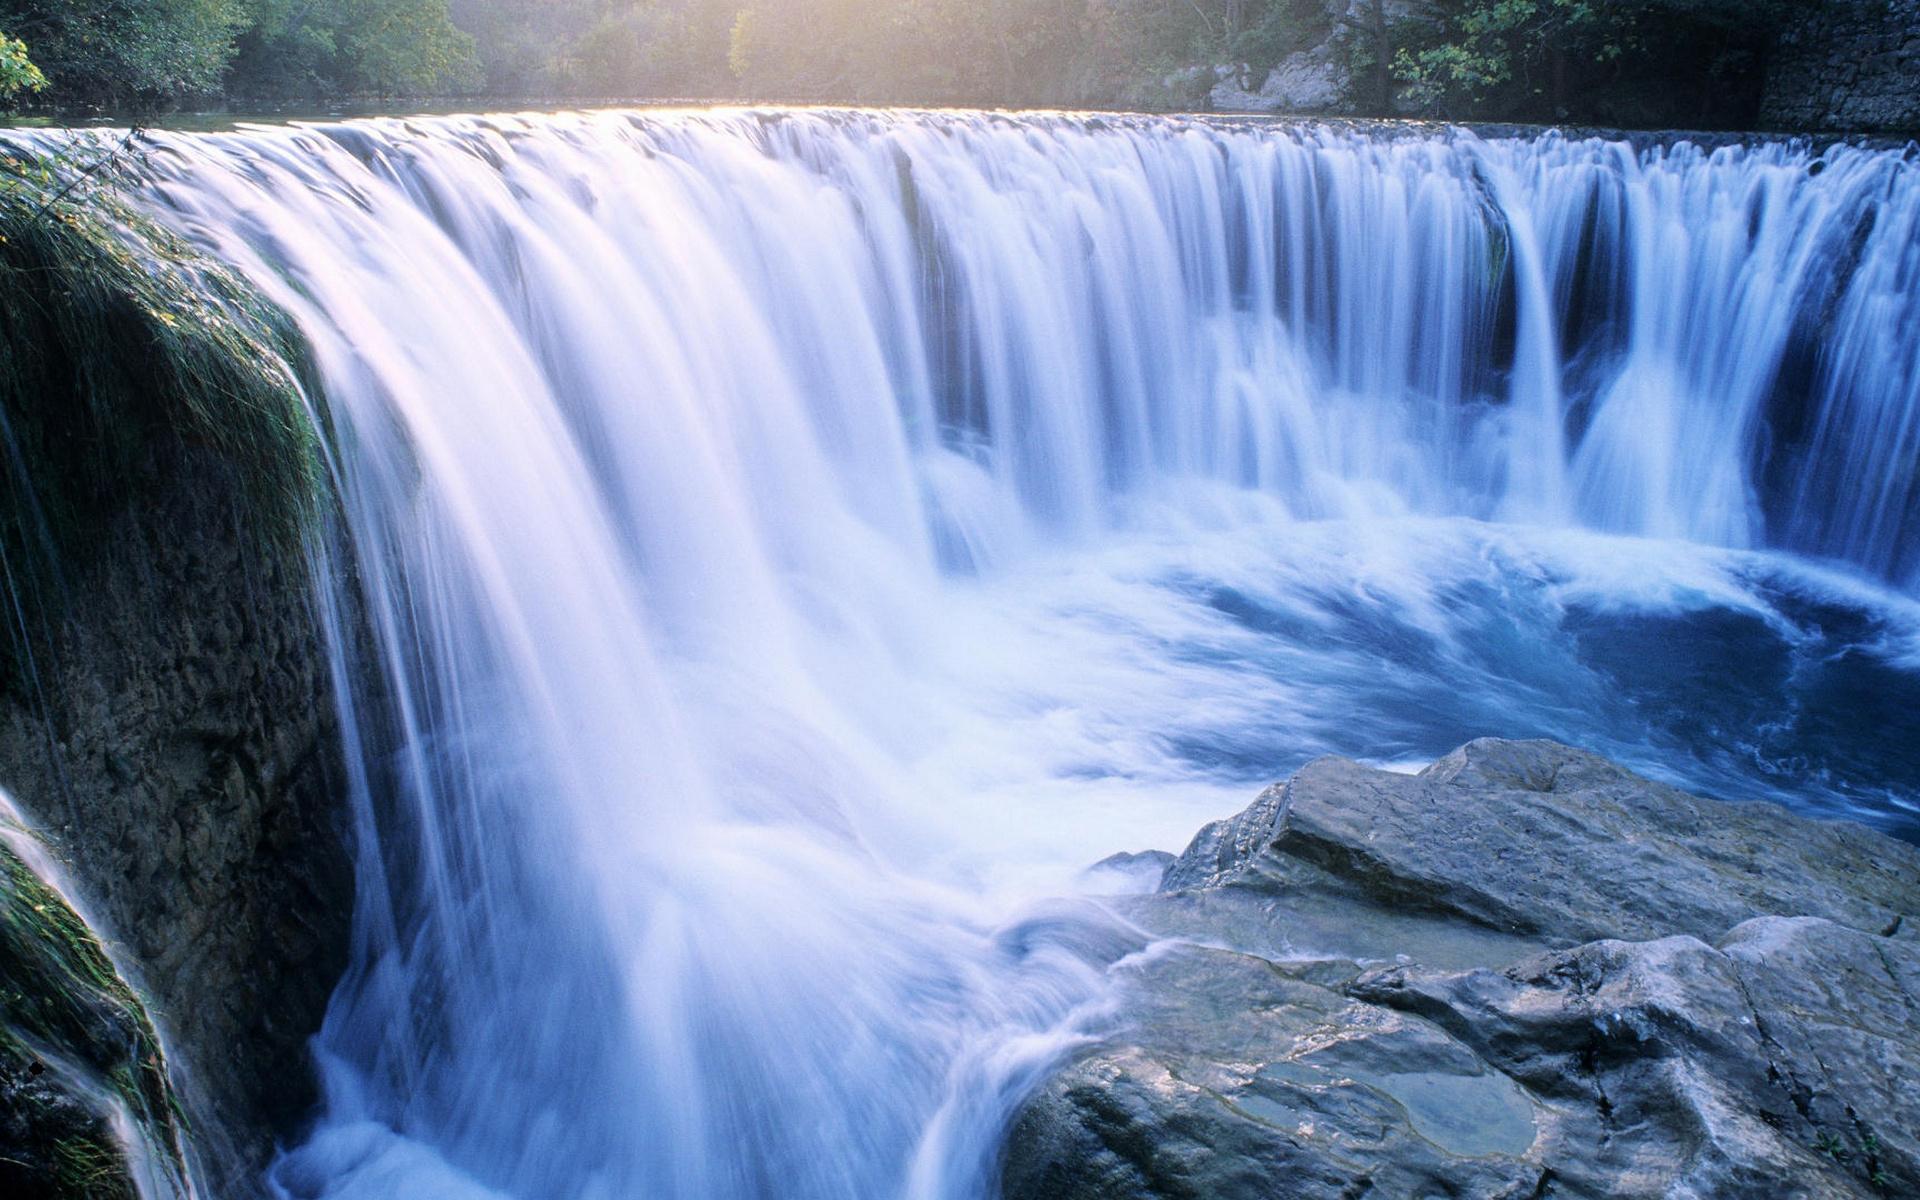 река, водопад, течение